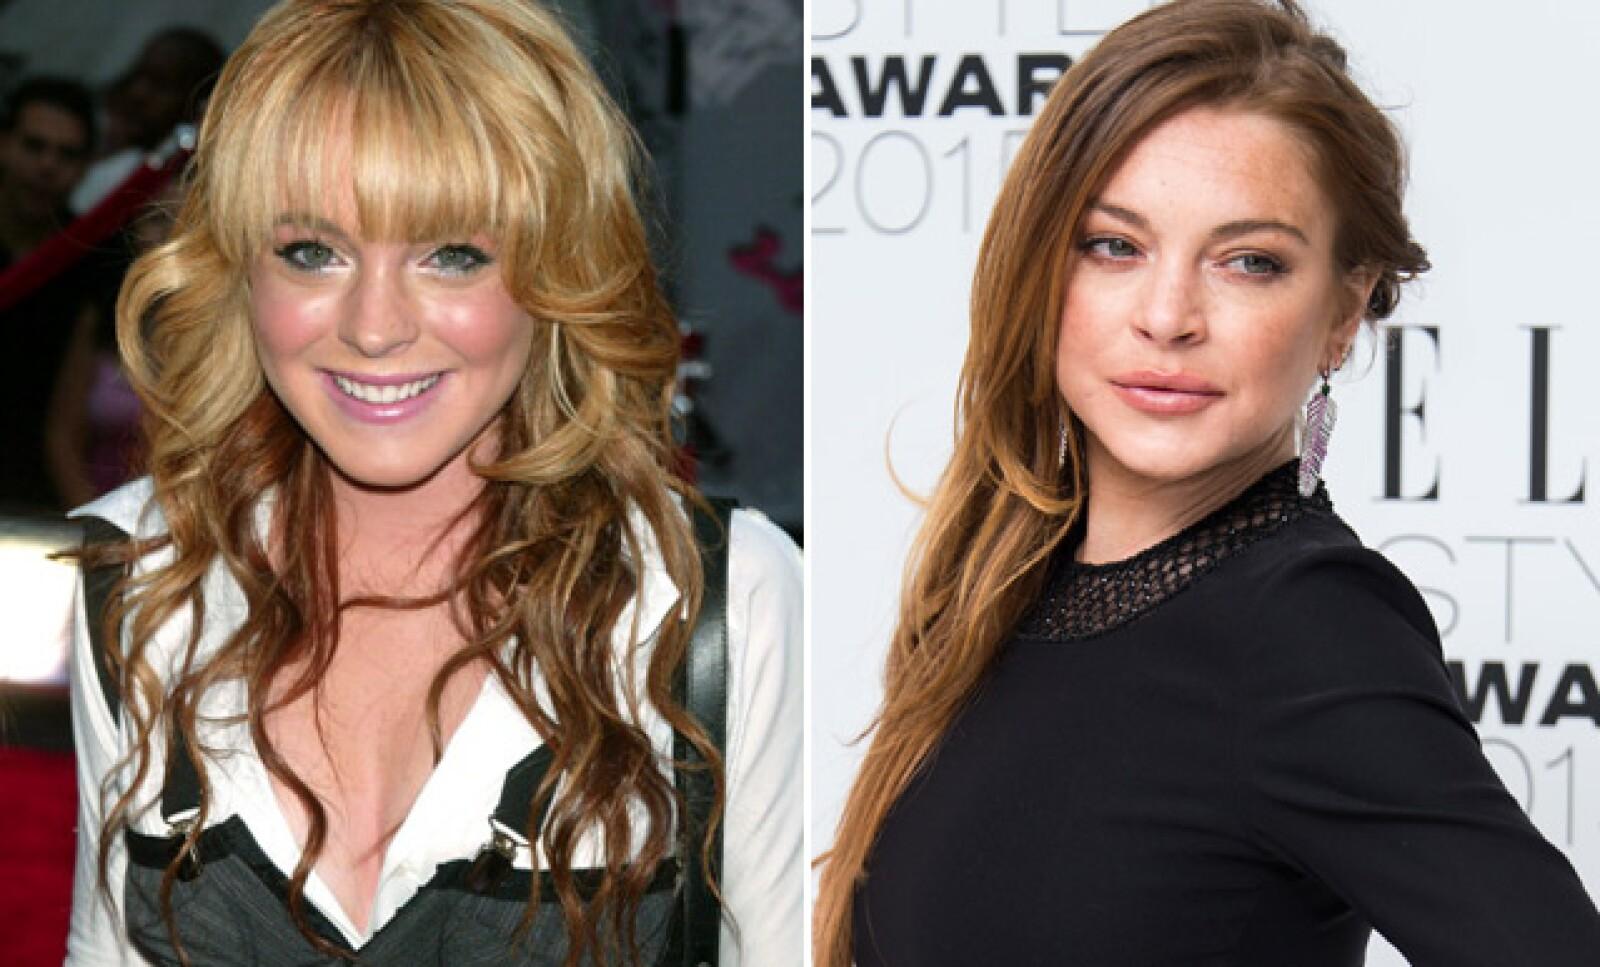 Lindsay Lohan en el 2000 y ahora... después de varias modificaciones estéticas.